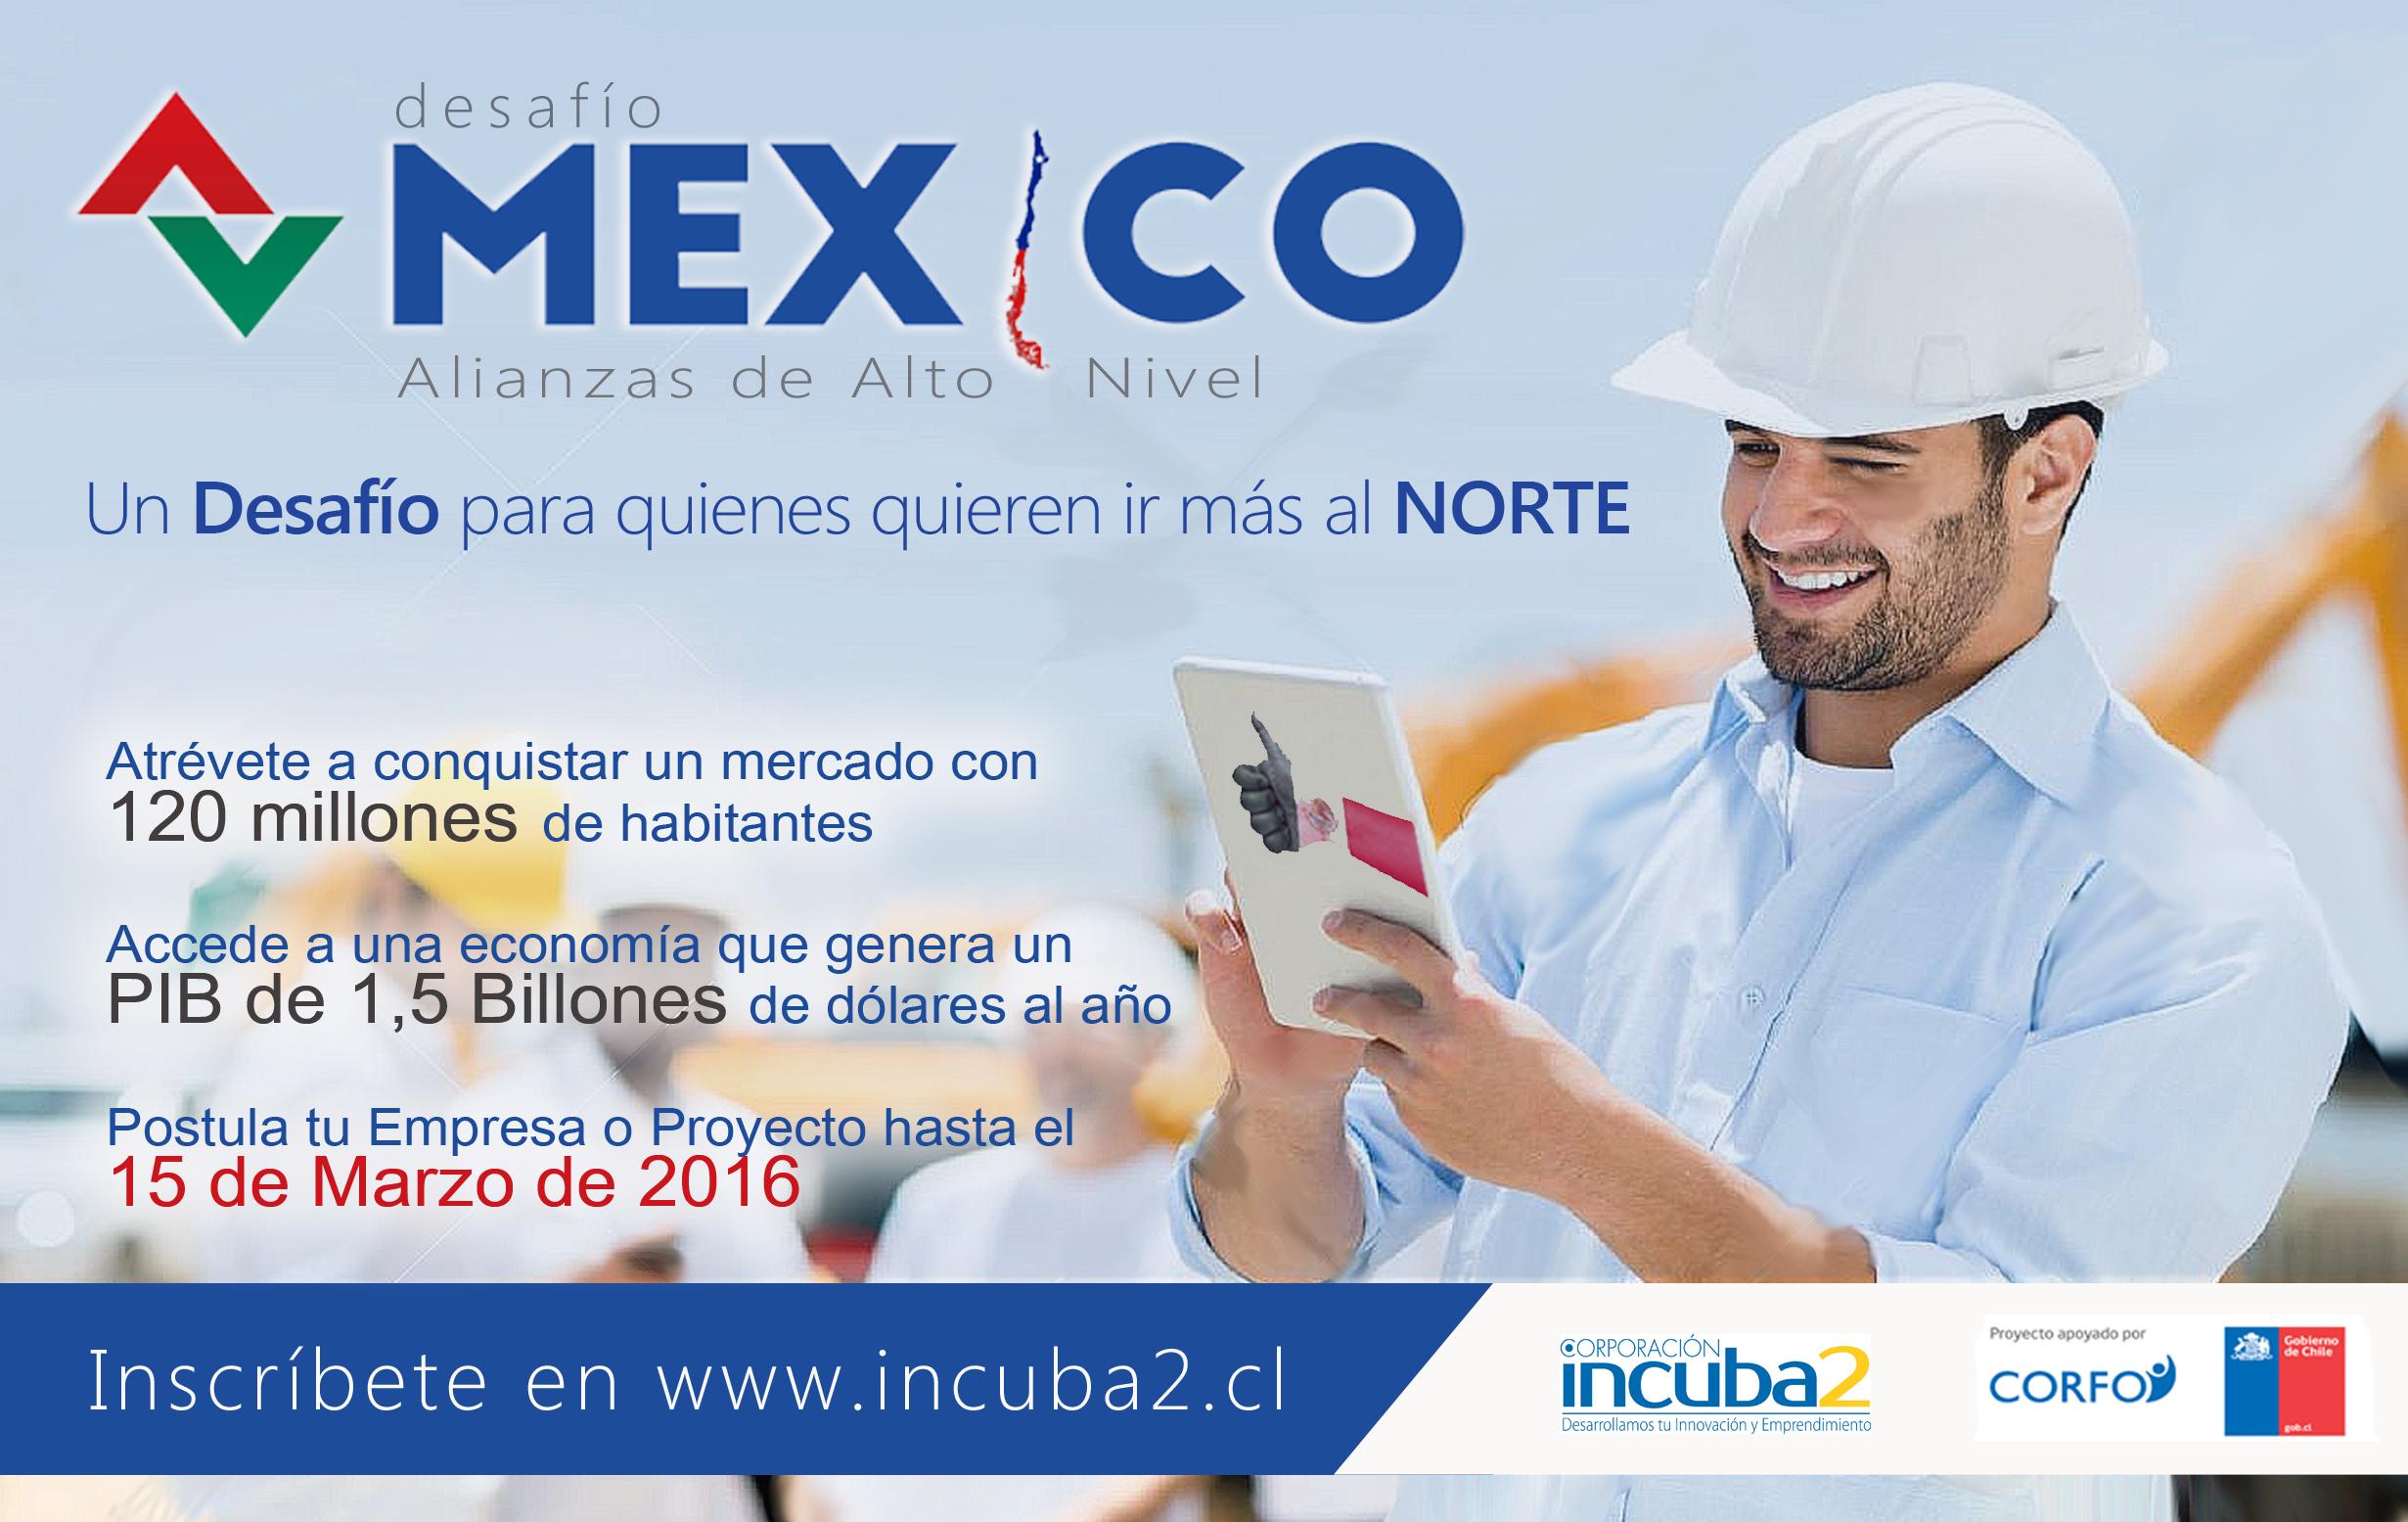 Desafío México: Una Oportunidad Para Internacionalizar Las Pymes Chilenas